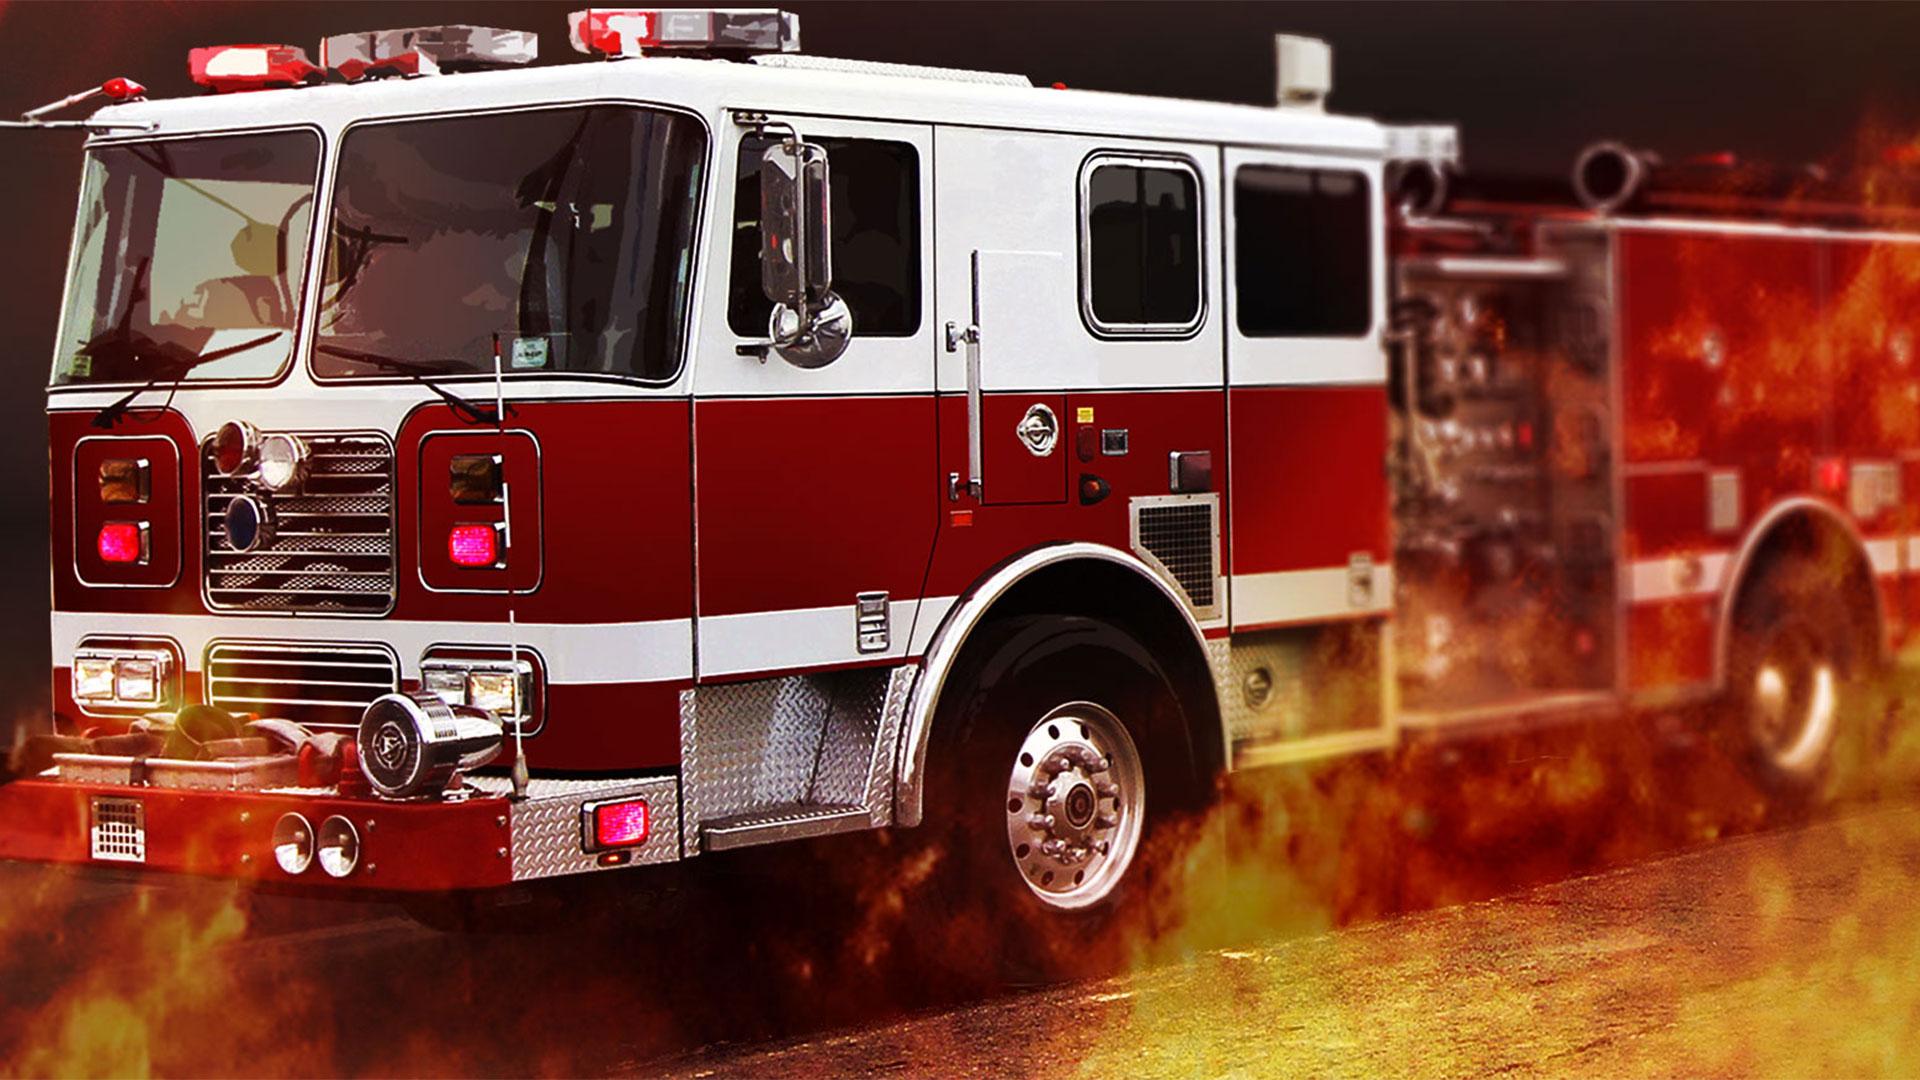 KELO fire truck flames generic